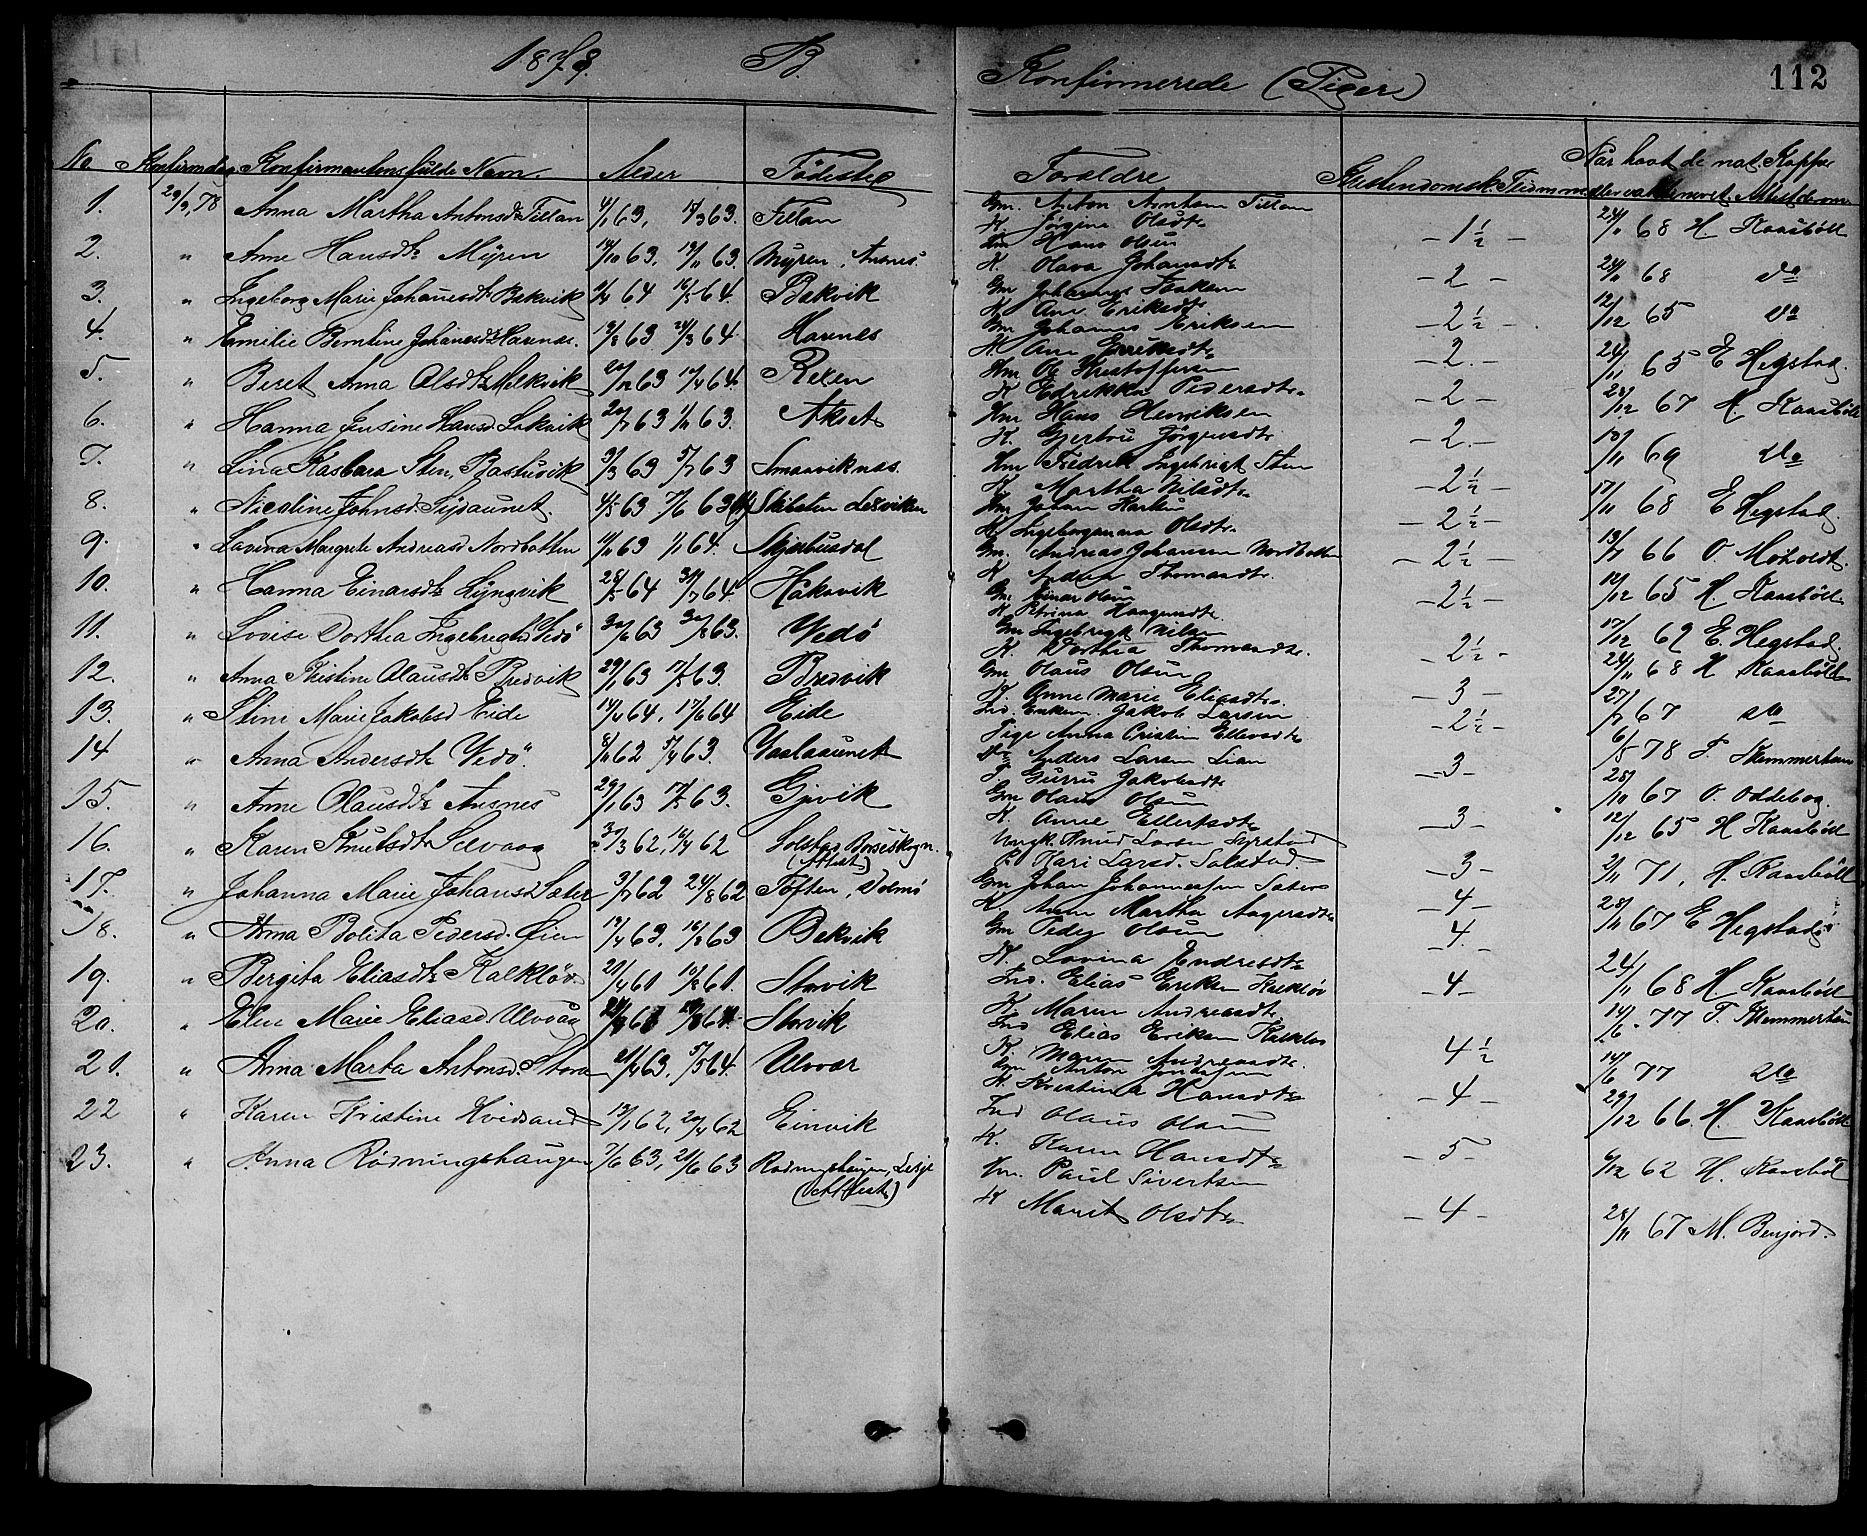 SAT, Ministerialprotokoller, klokkerbøker og fødselsregistre - Sør-Trøndelag, 637/L0561: Klokkerbok nr. 637C02, 1873-1882, s. 112